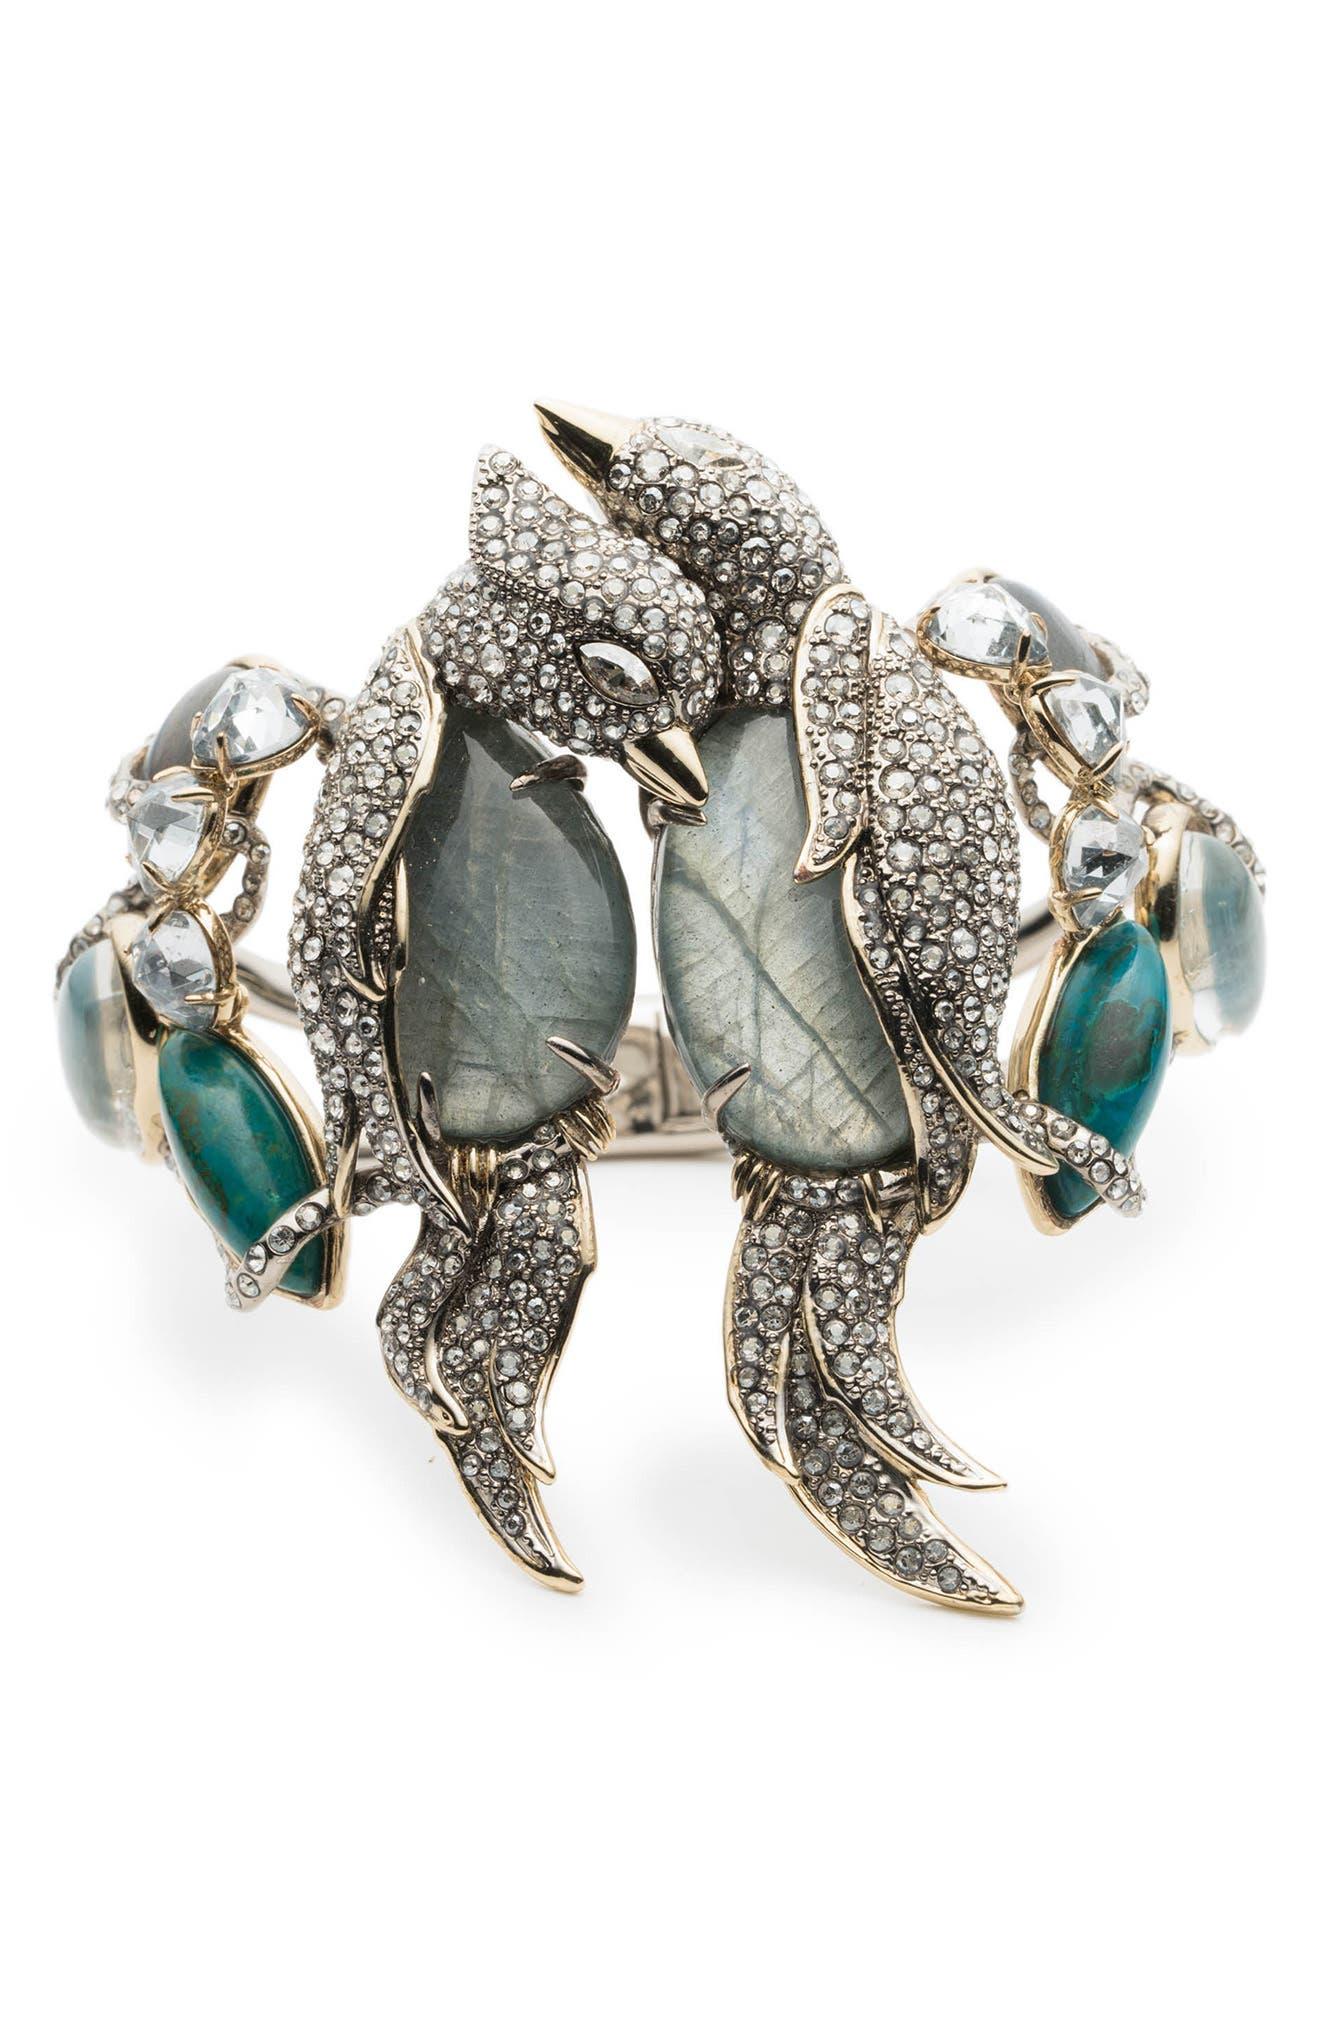 Lovebird Hinge Bracelet,                         Main,                         color, Gold/ Silver